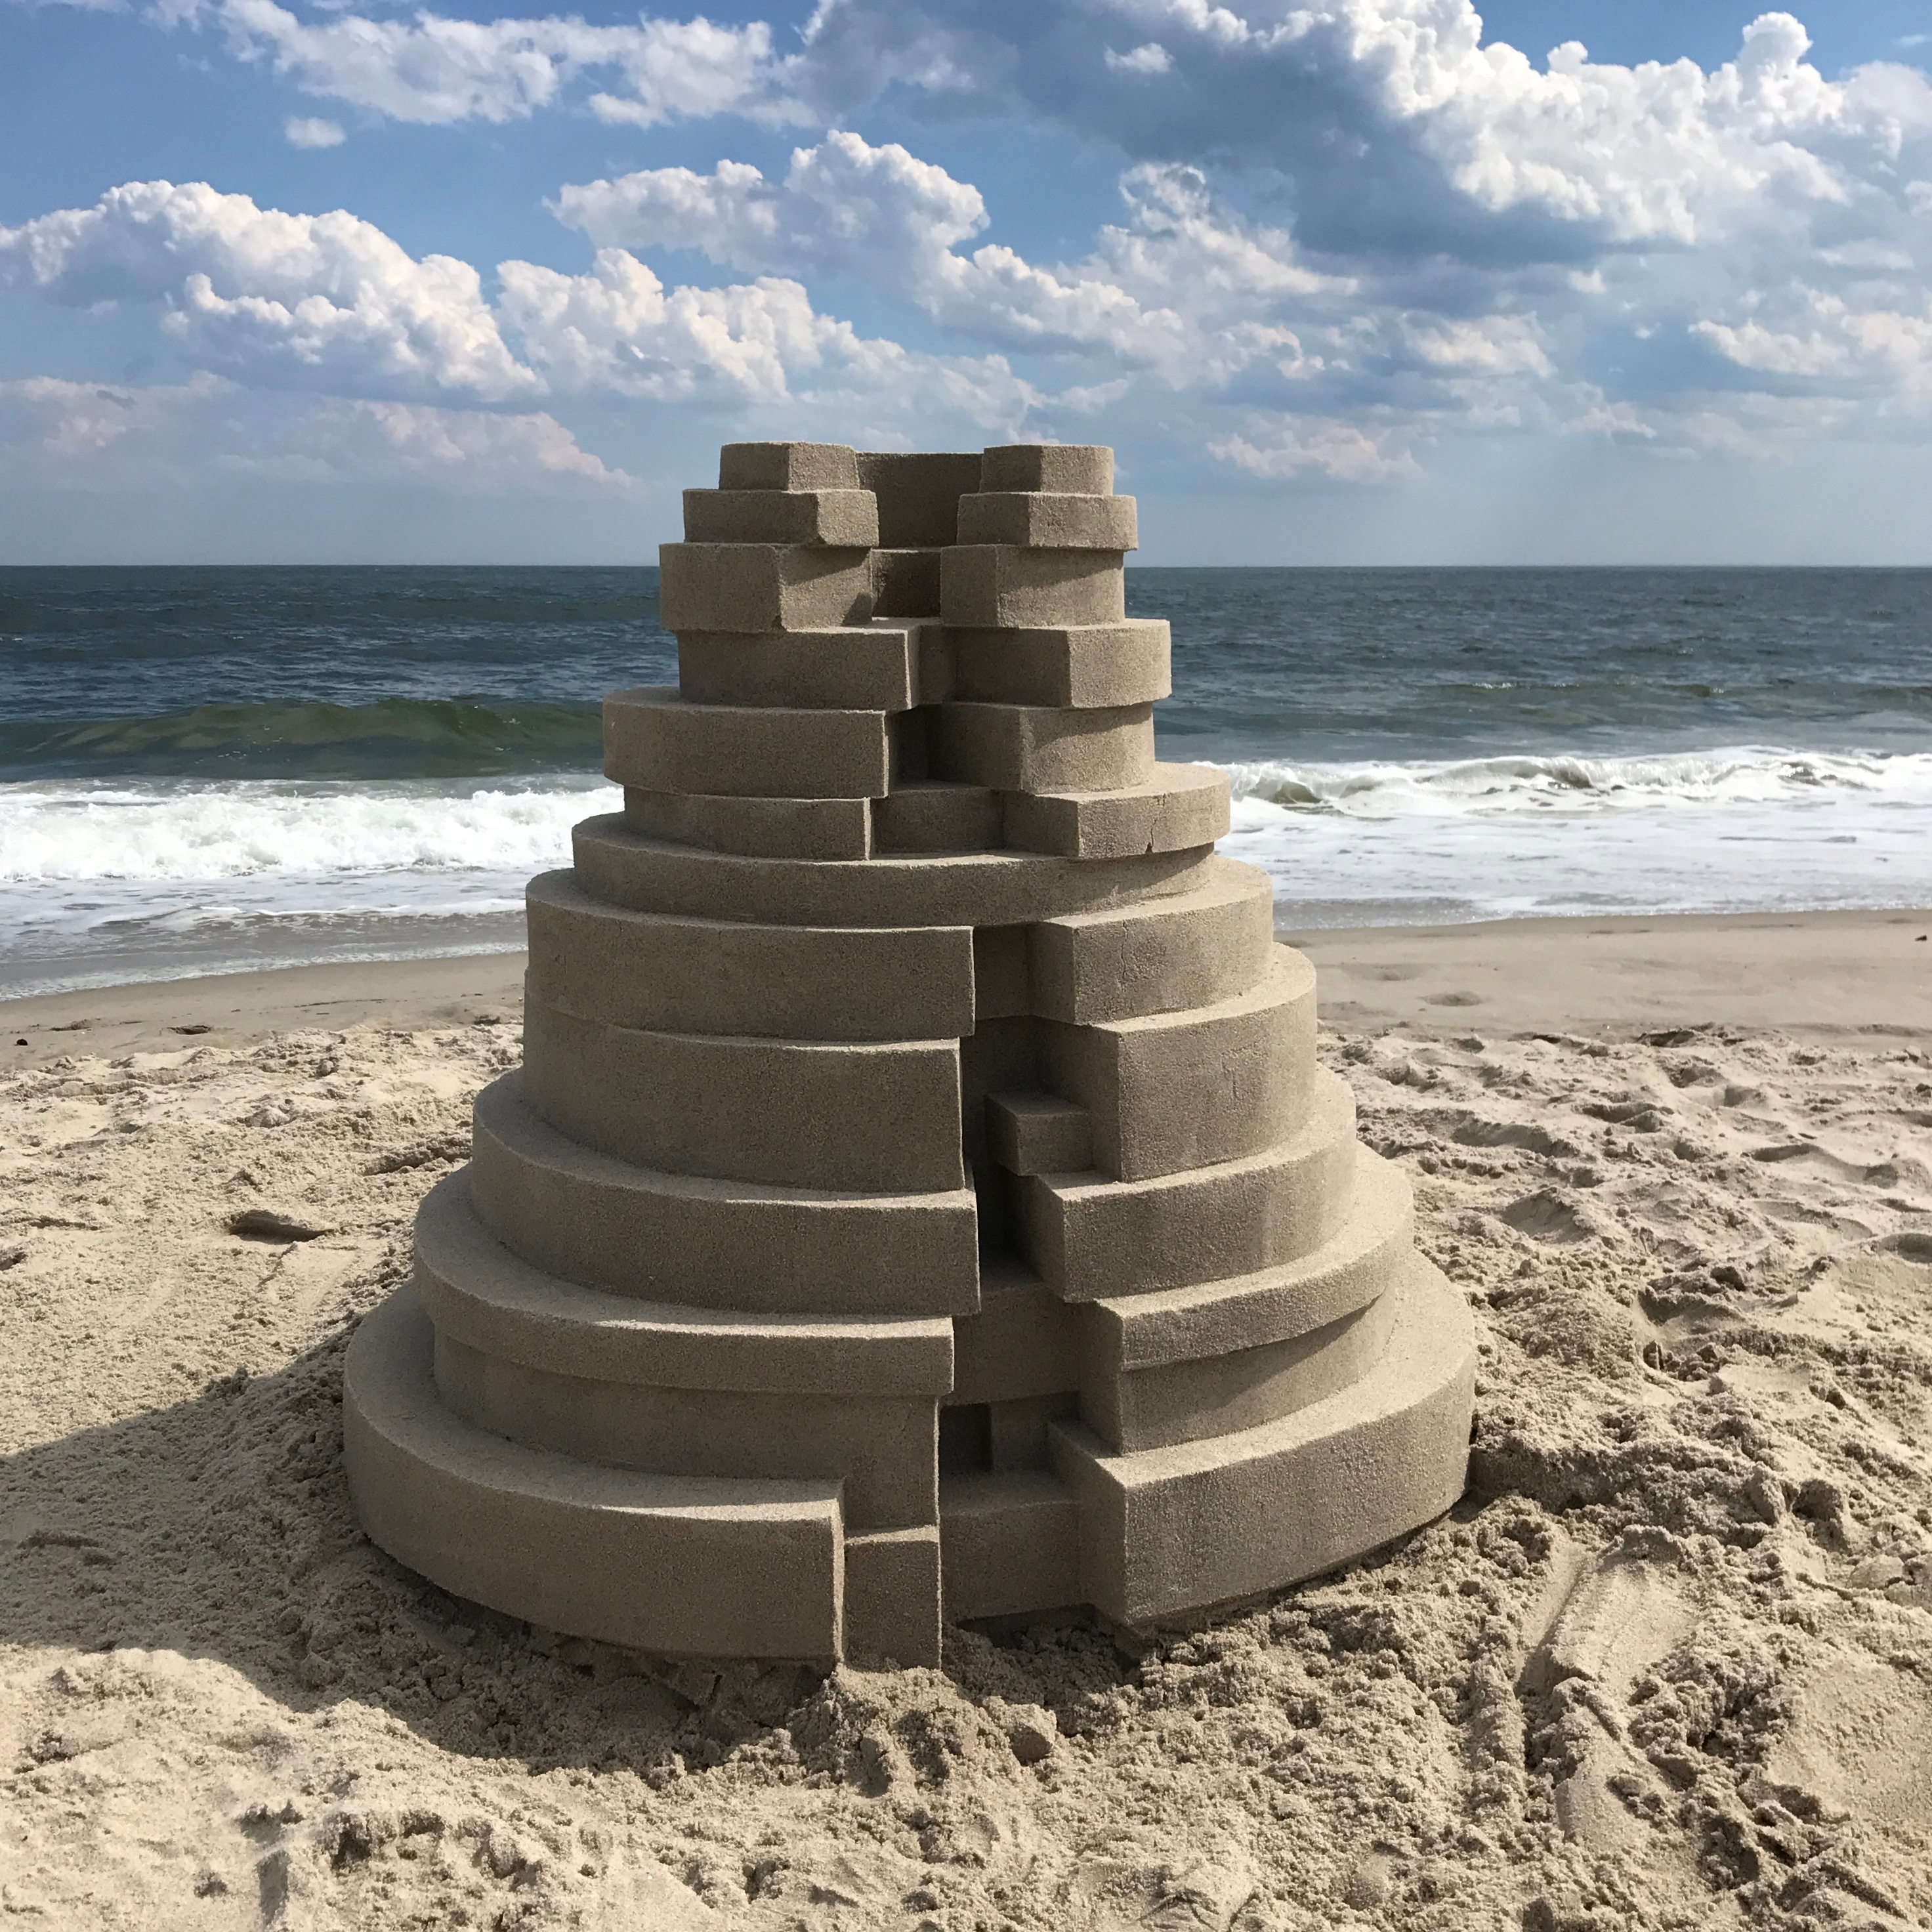 qui sera le meilleur architecte de ch teaux de sable lumi res de la ville. Black Bedroom Furniture Sets. Home Design Ideas